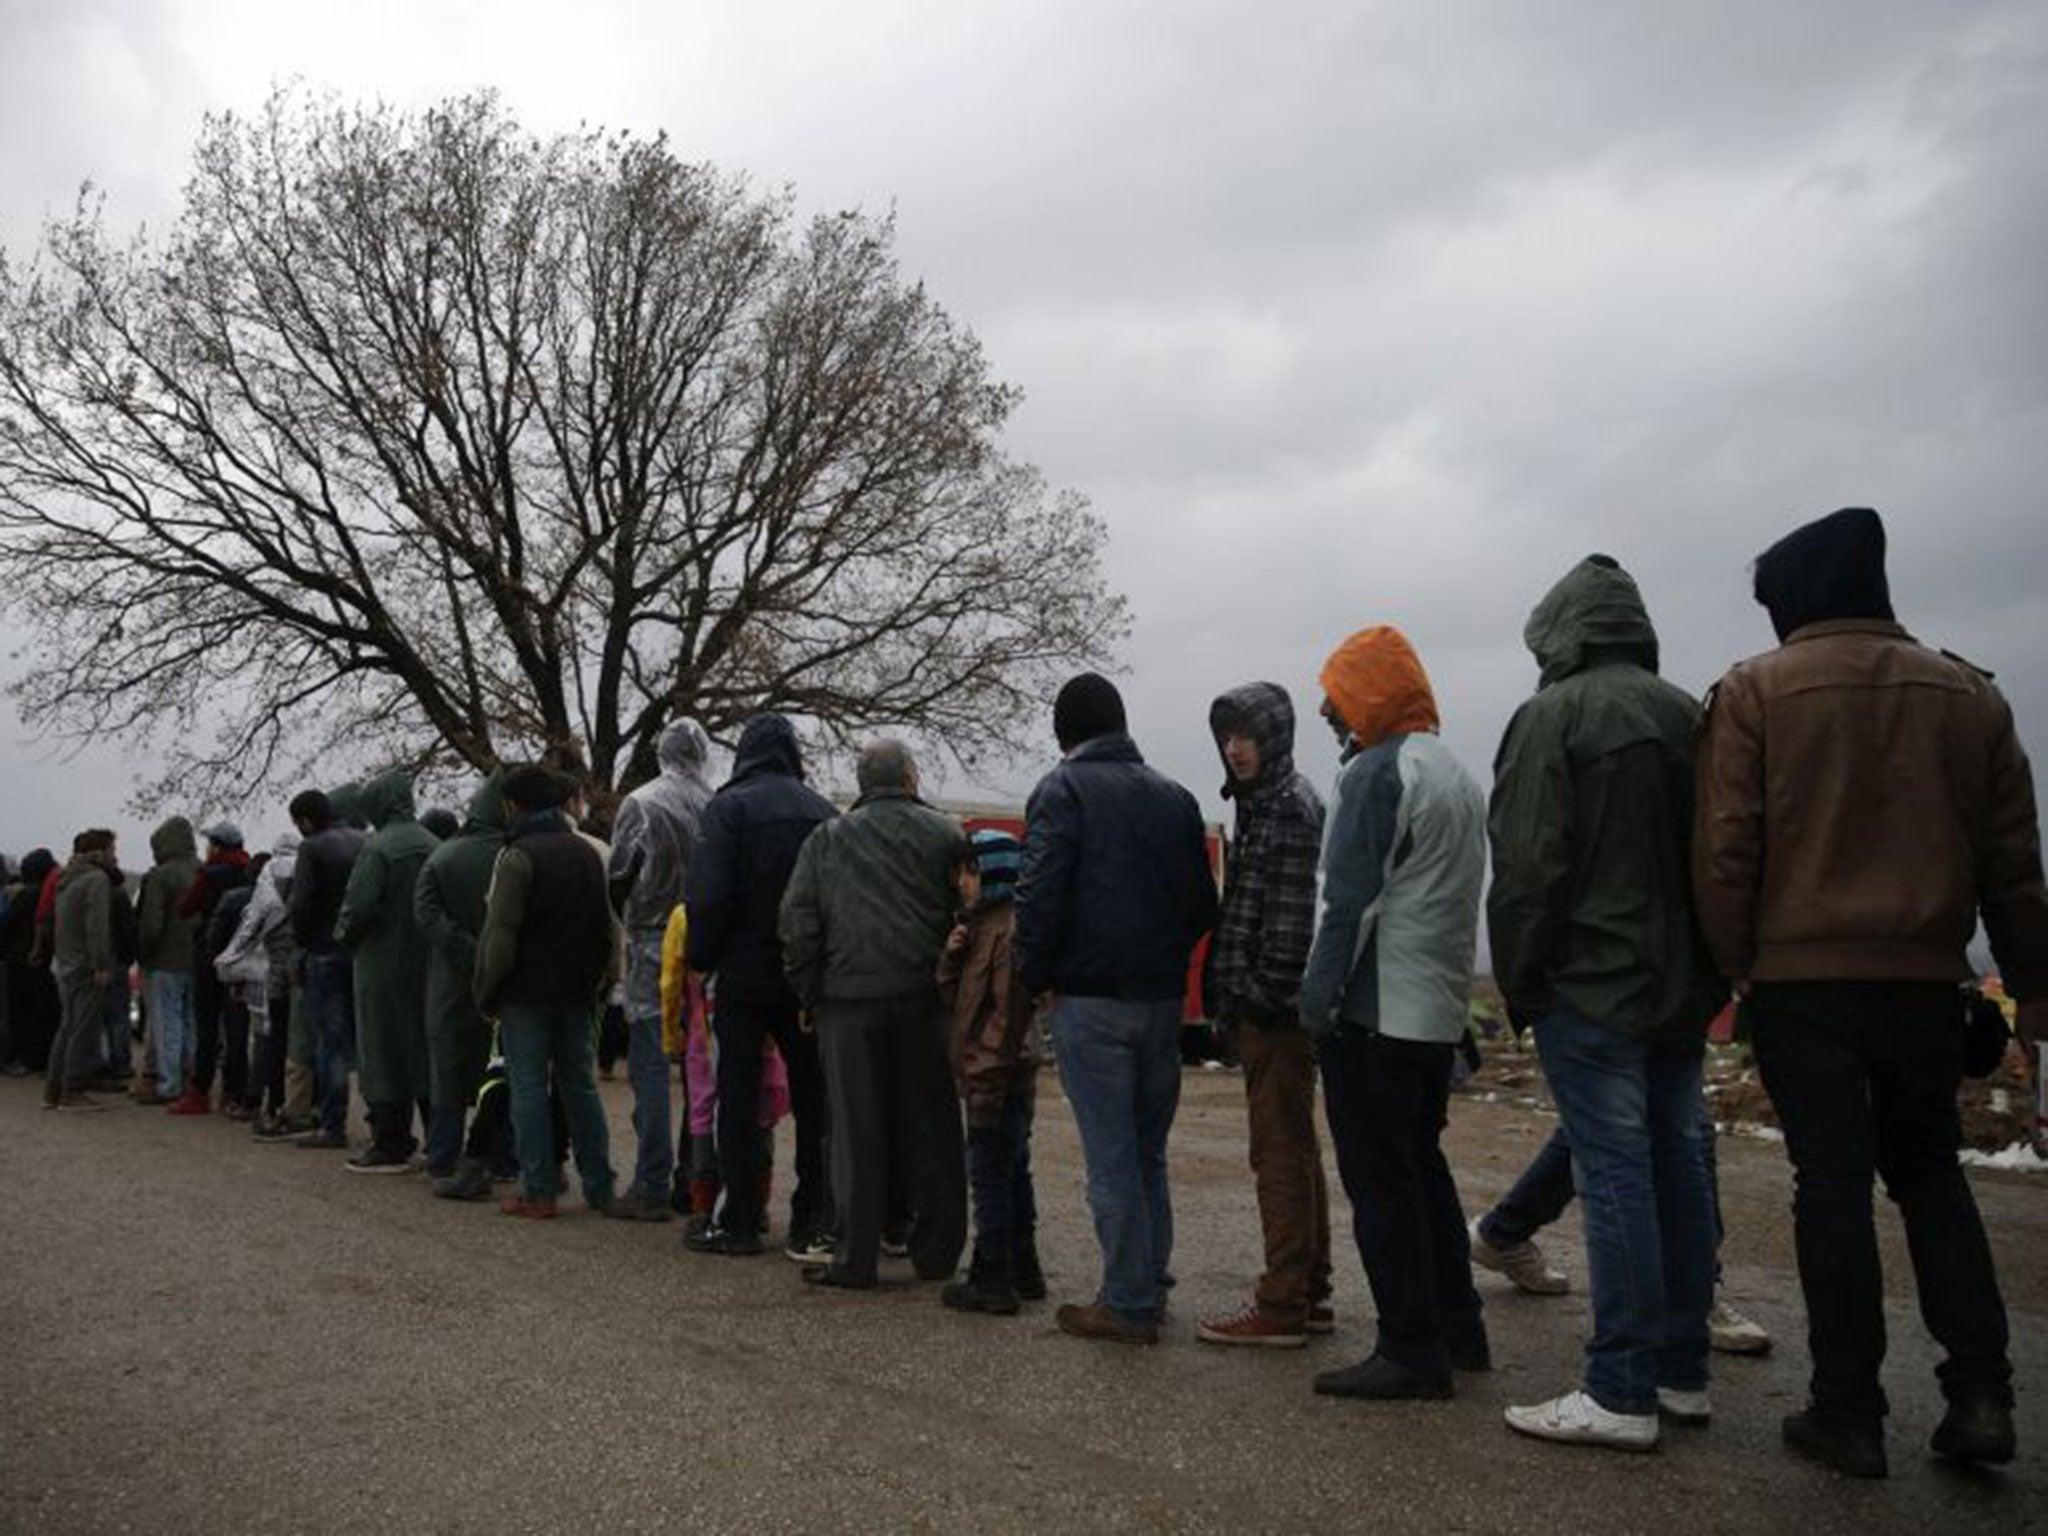 greece  u0026 39 allowed u0026 39  hundreds of thousands migrants to